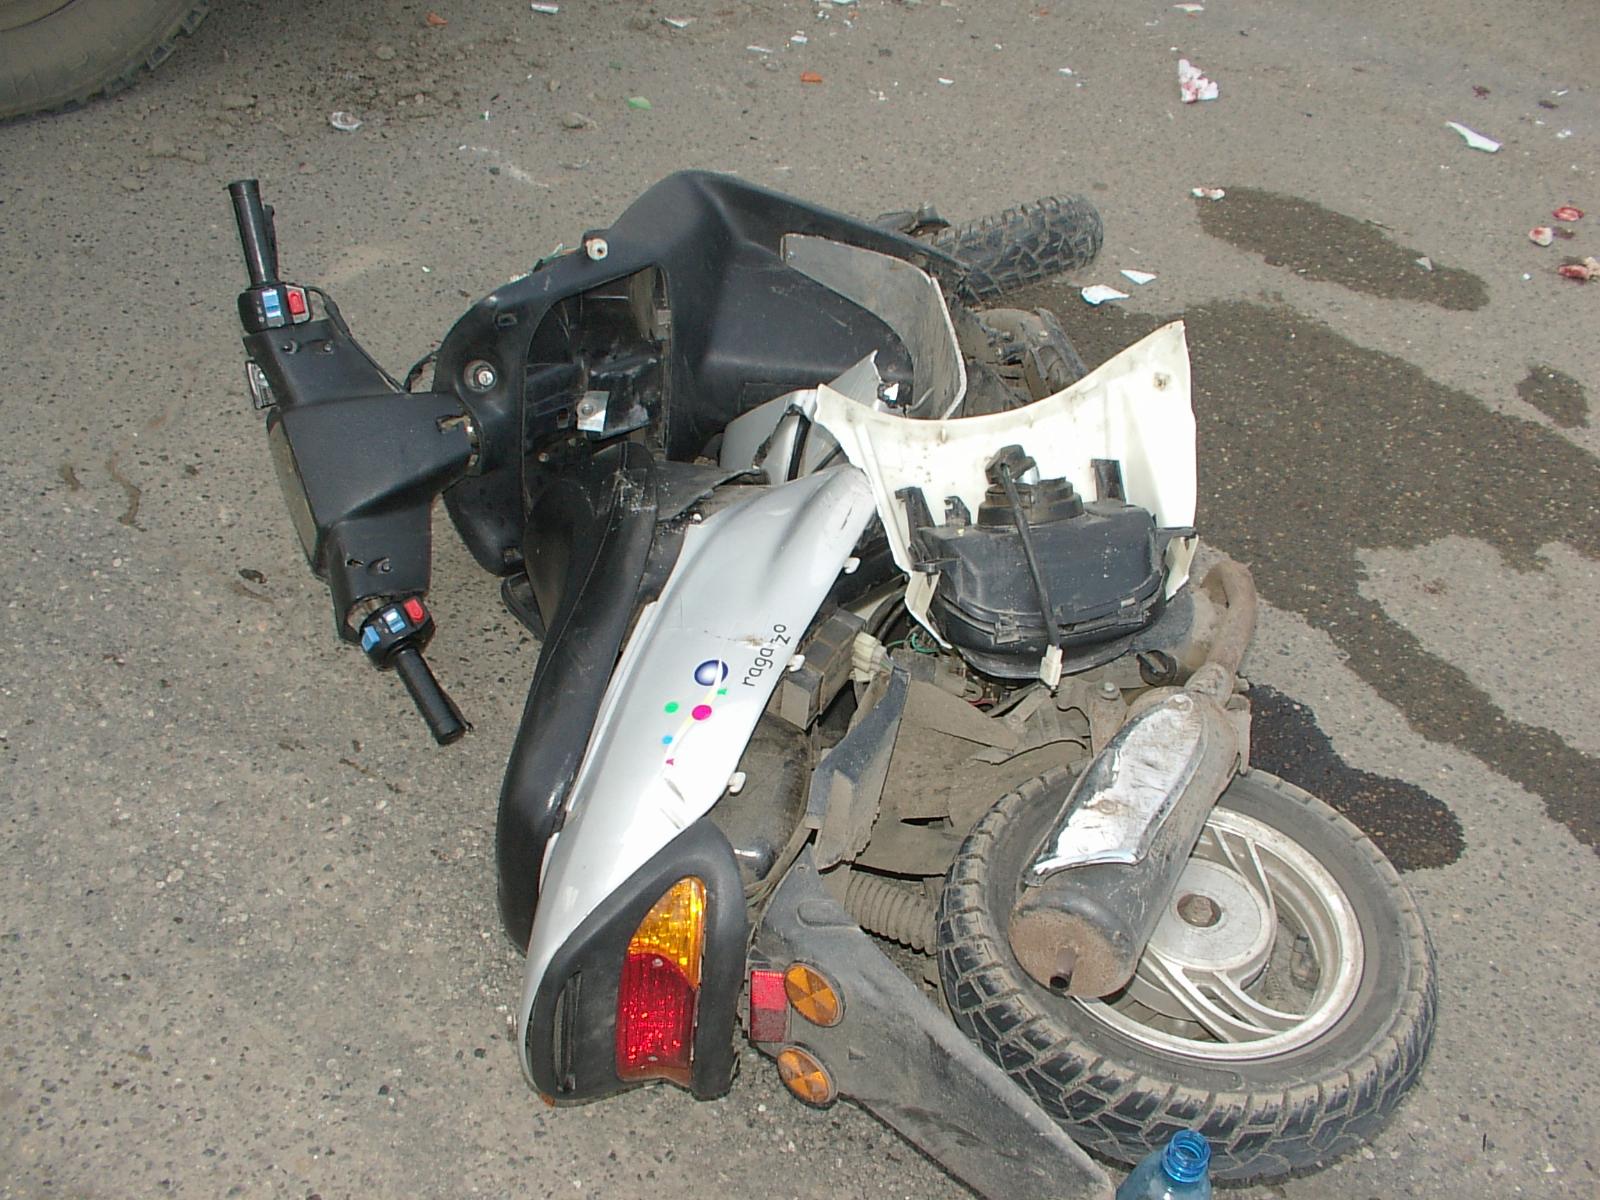 Хендай сбил 17-летнего скутериста наперекрестке вКурчатовском районе